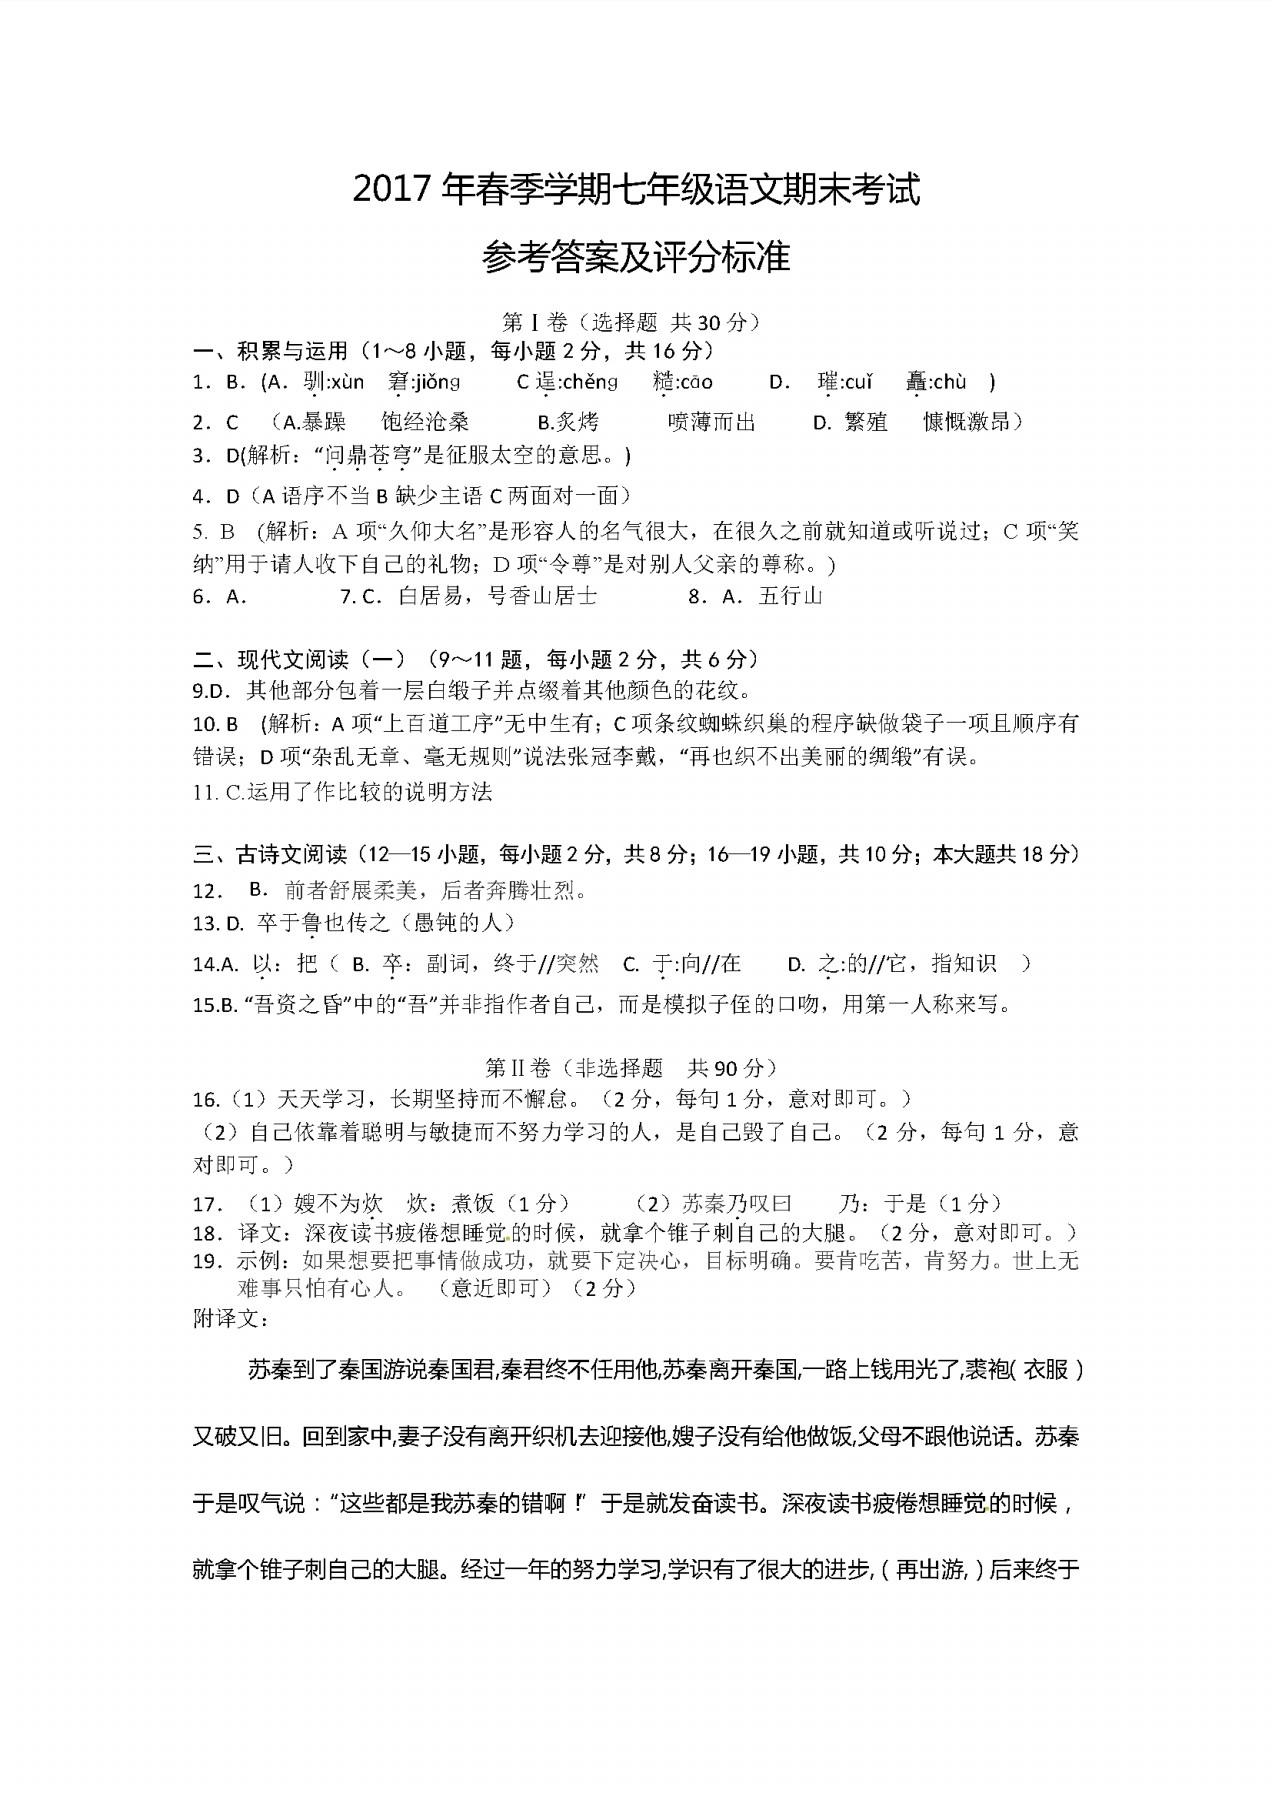 广西钦州2017年春季学期期末七年级语文试题答案(Word版)